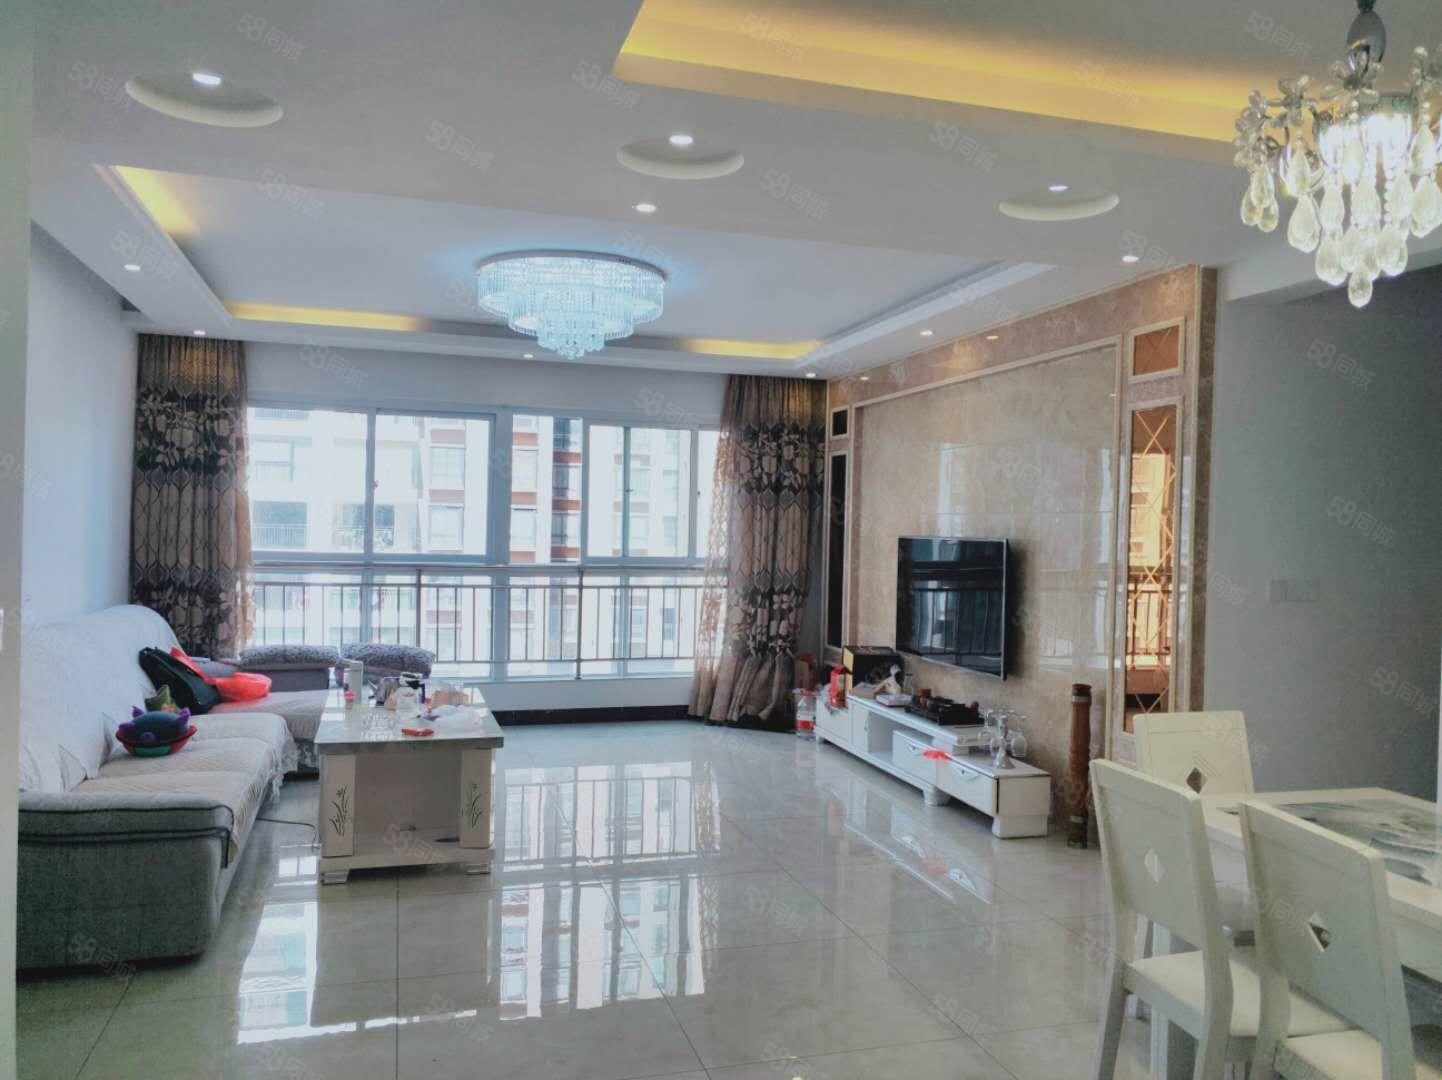 4房.出租精裝修.拎包入住.體育中心大商匯.交通方便.